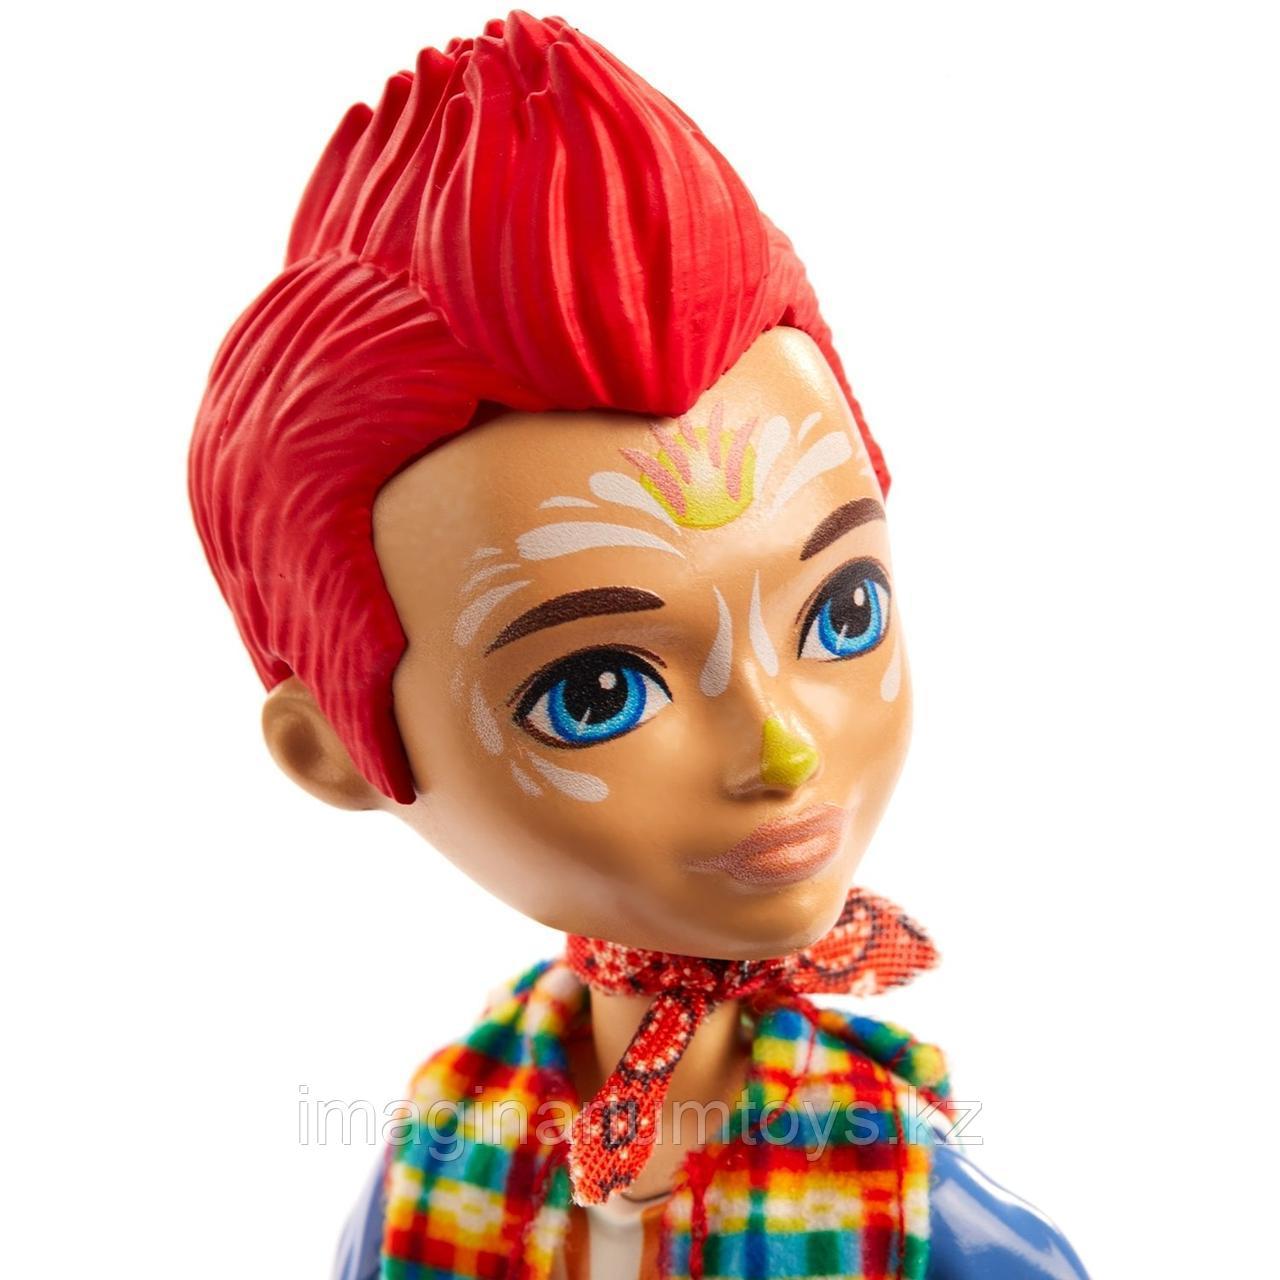 Кукла Enchantimals мальчик петушок Ривод Рустер и Клак - фото 5